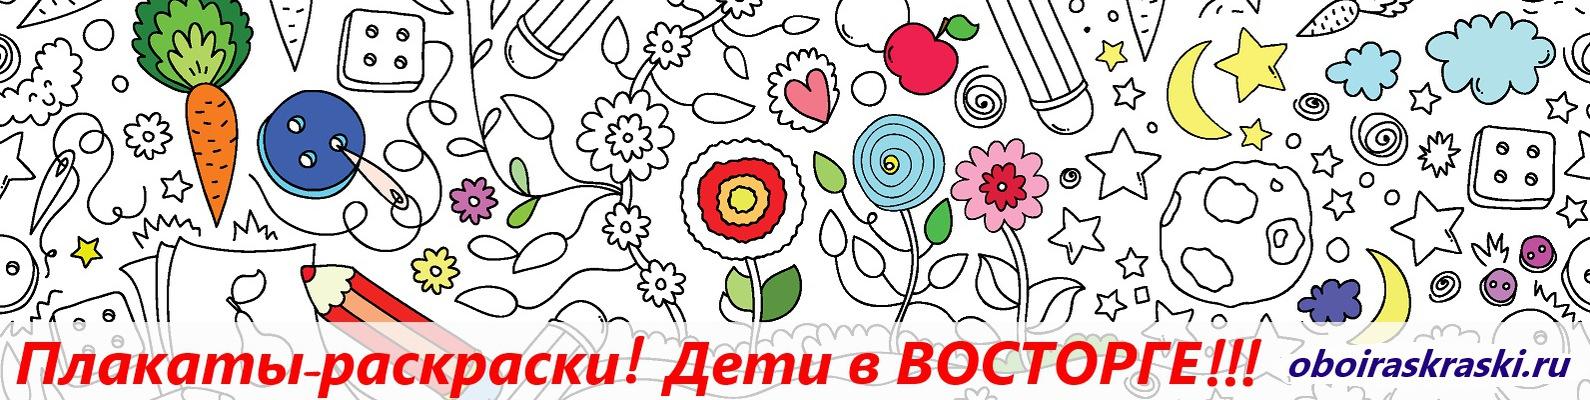 Обои и плакаты РАСКРАСКИ для детей и взрослых | ВКонтакте